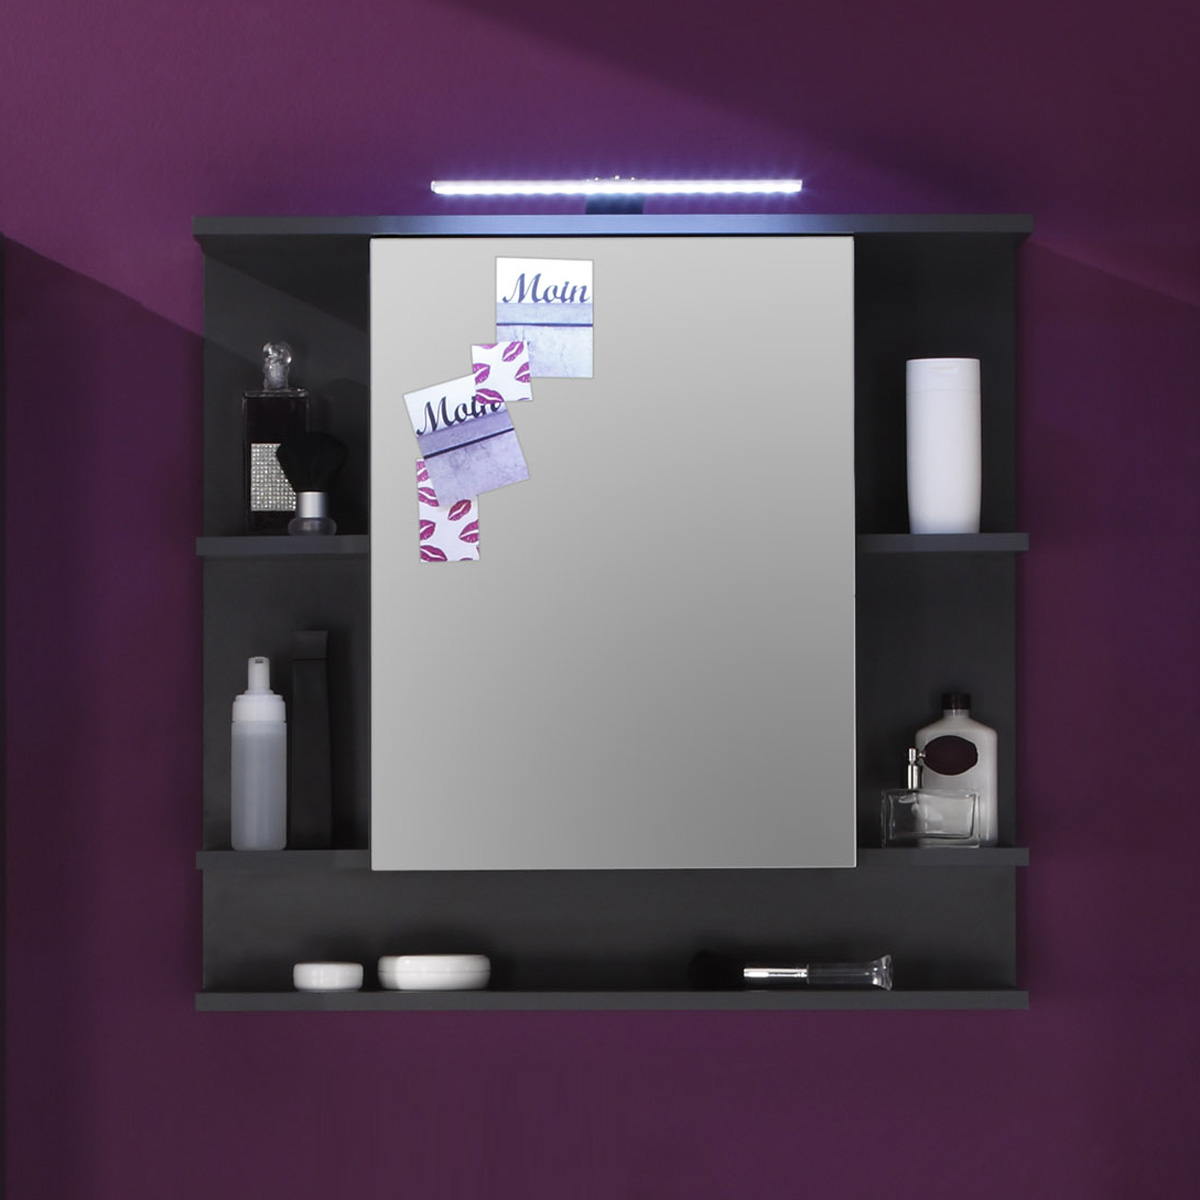 spiegelschrank tetis schrank bad spiegel badm bel badezimmer in graphit ebay. Black Bedroom Furniture Sets. Home Design Ideas